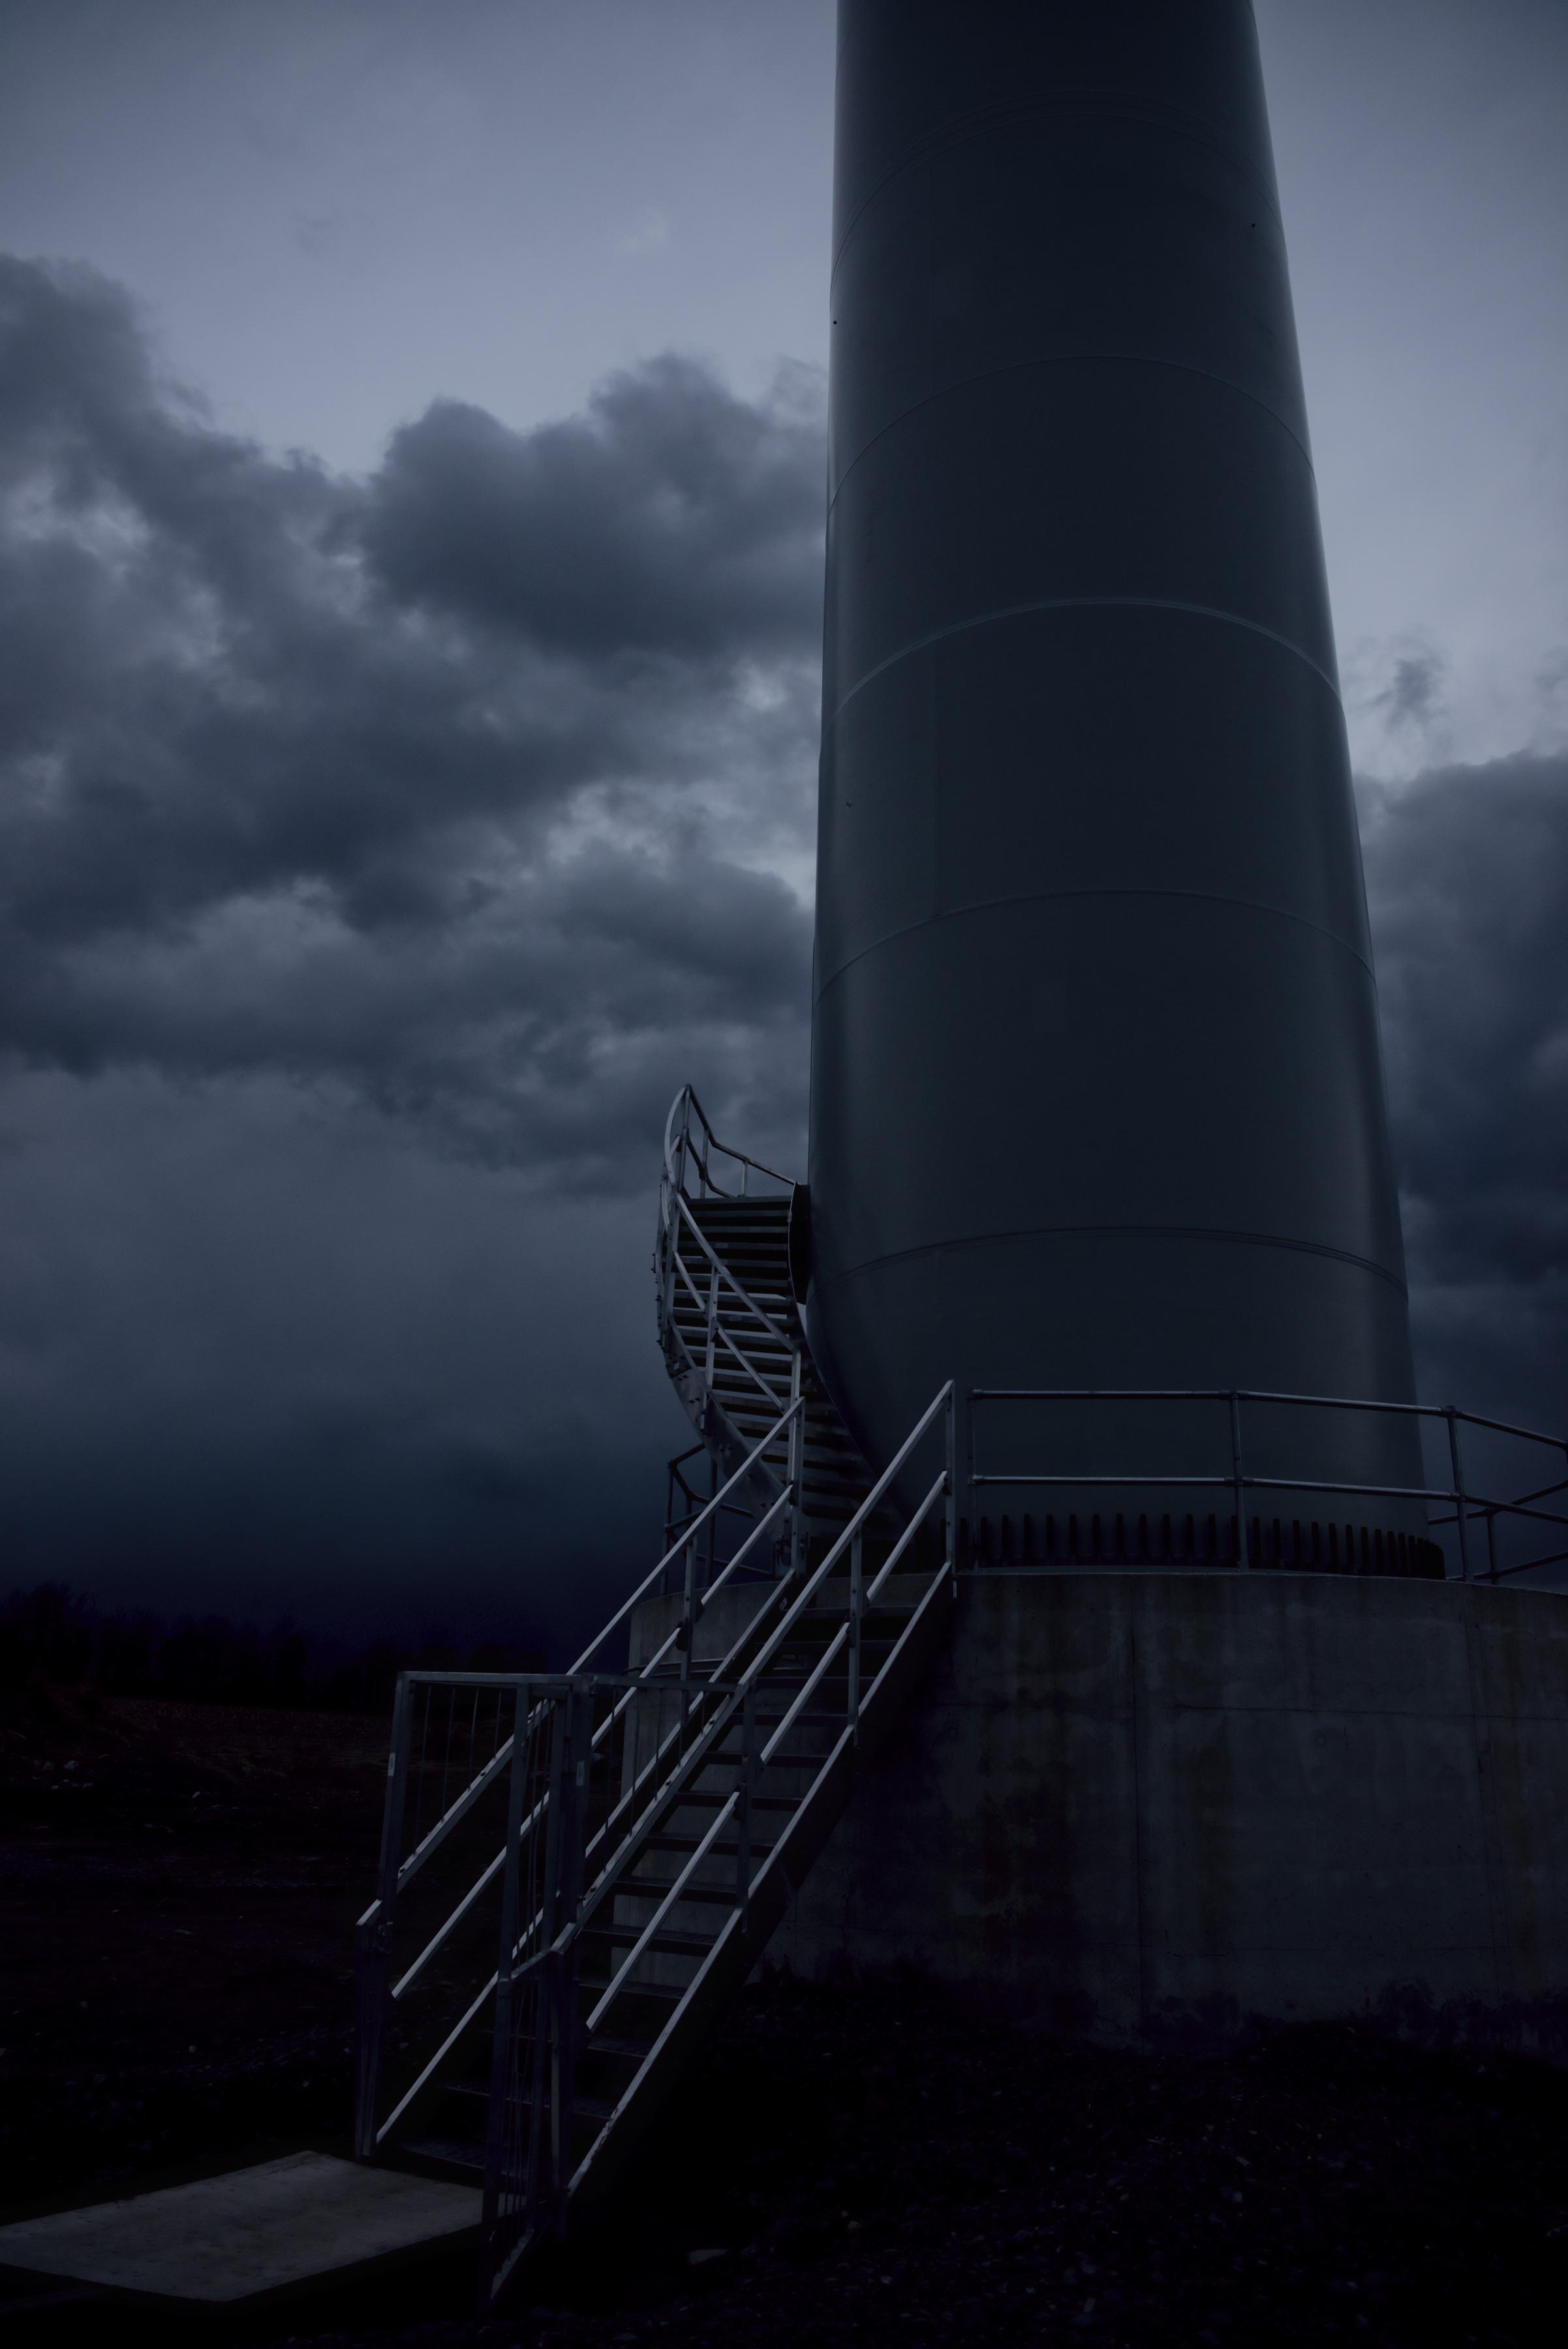 turbinemaststairsdark